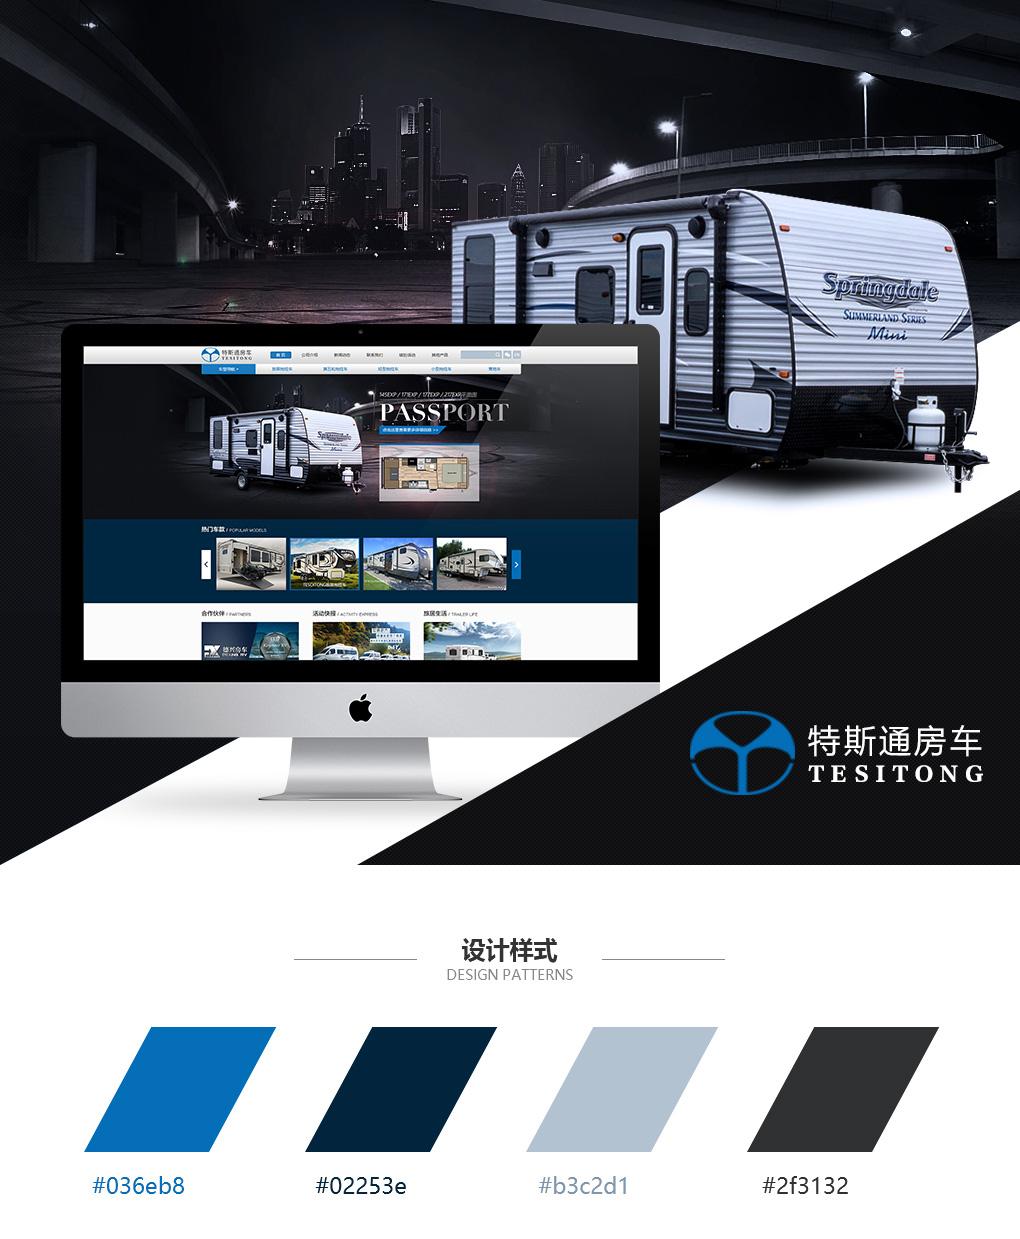 上海缘义特斯通房车有限公司